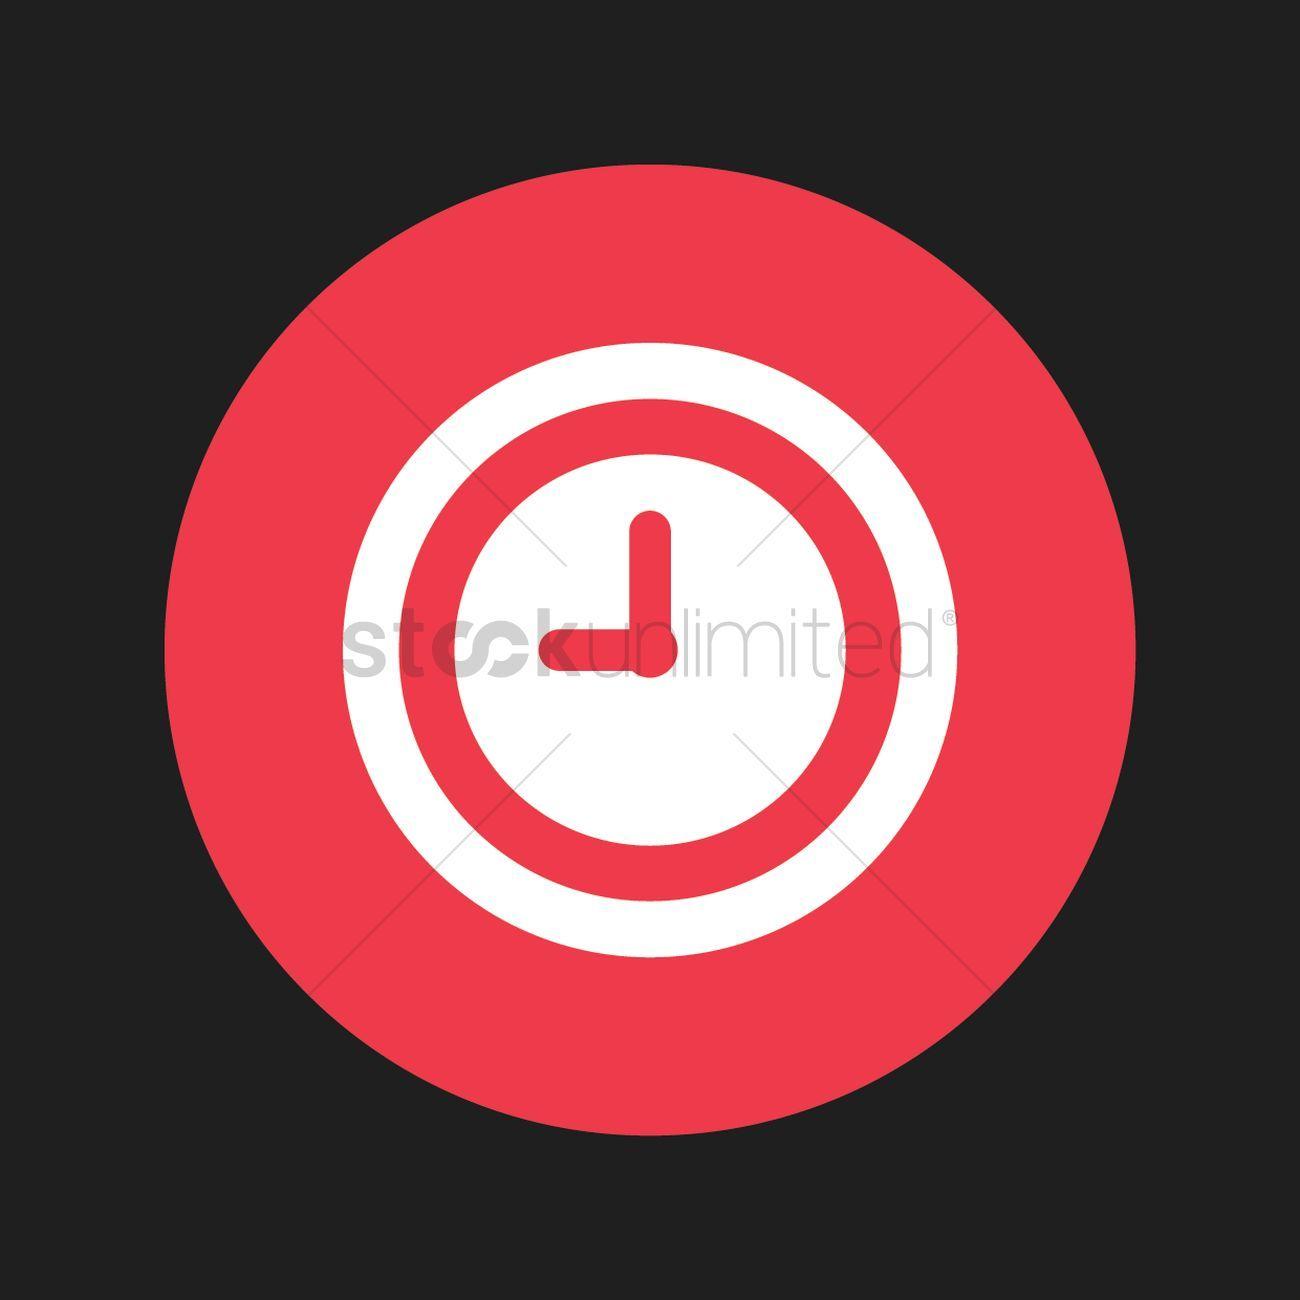 9 o clock icon vectors, stock clipart , #SPONSORED, #icon, #clock, #vectors, #clipart, #stock #affiliate